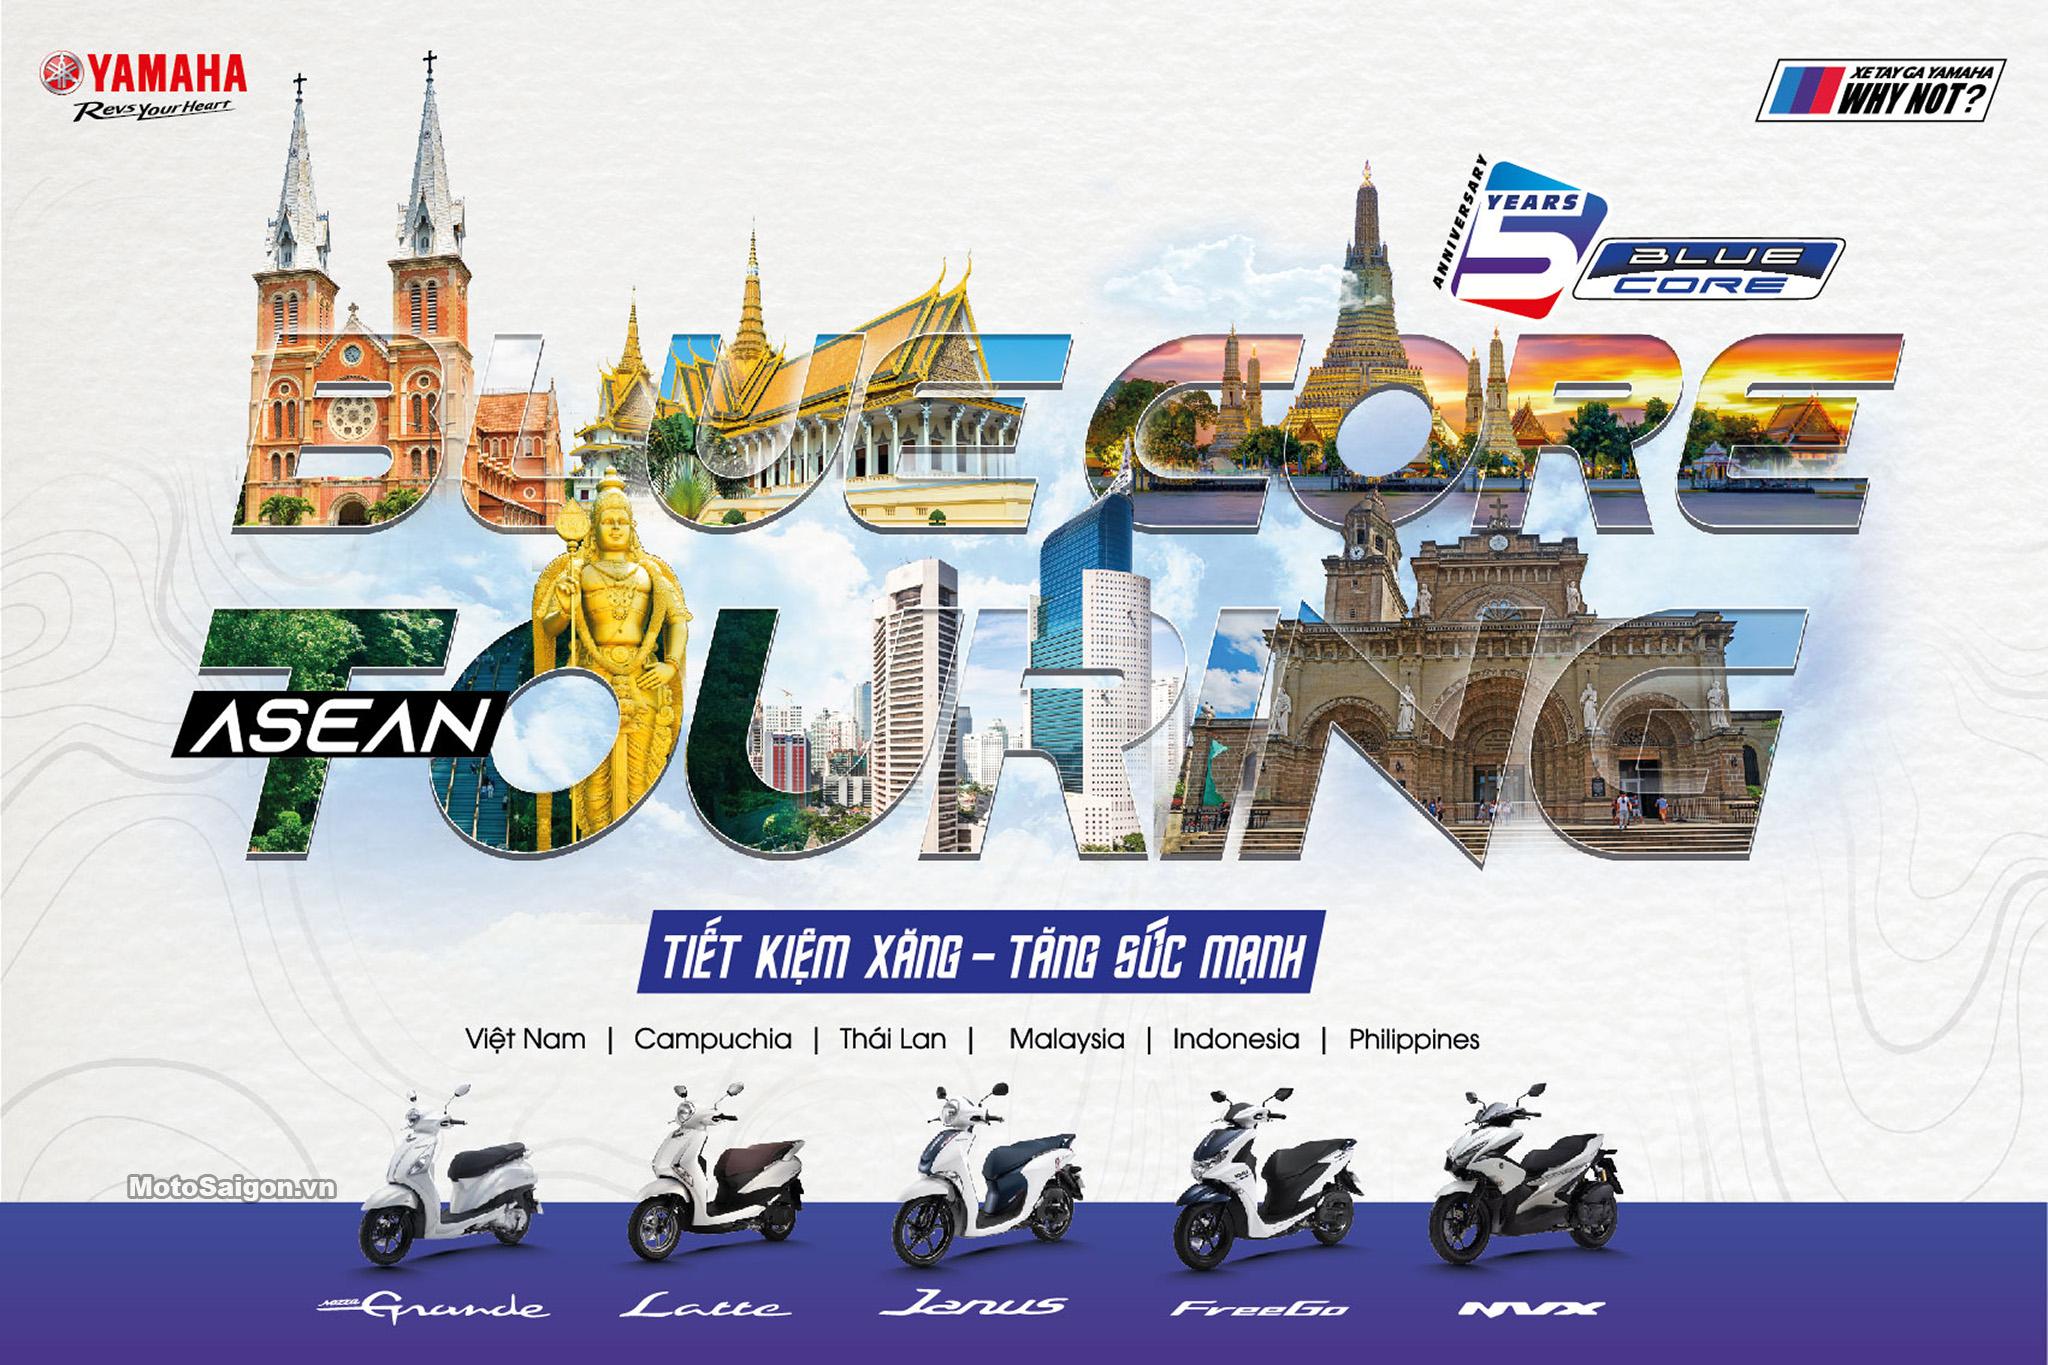 Lễ kỷ niệm 5 năm động cơ Blue-Core và Hành trình Asean Blue-Core Touring